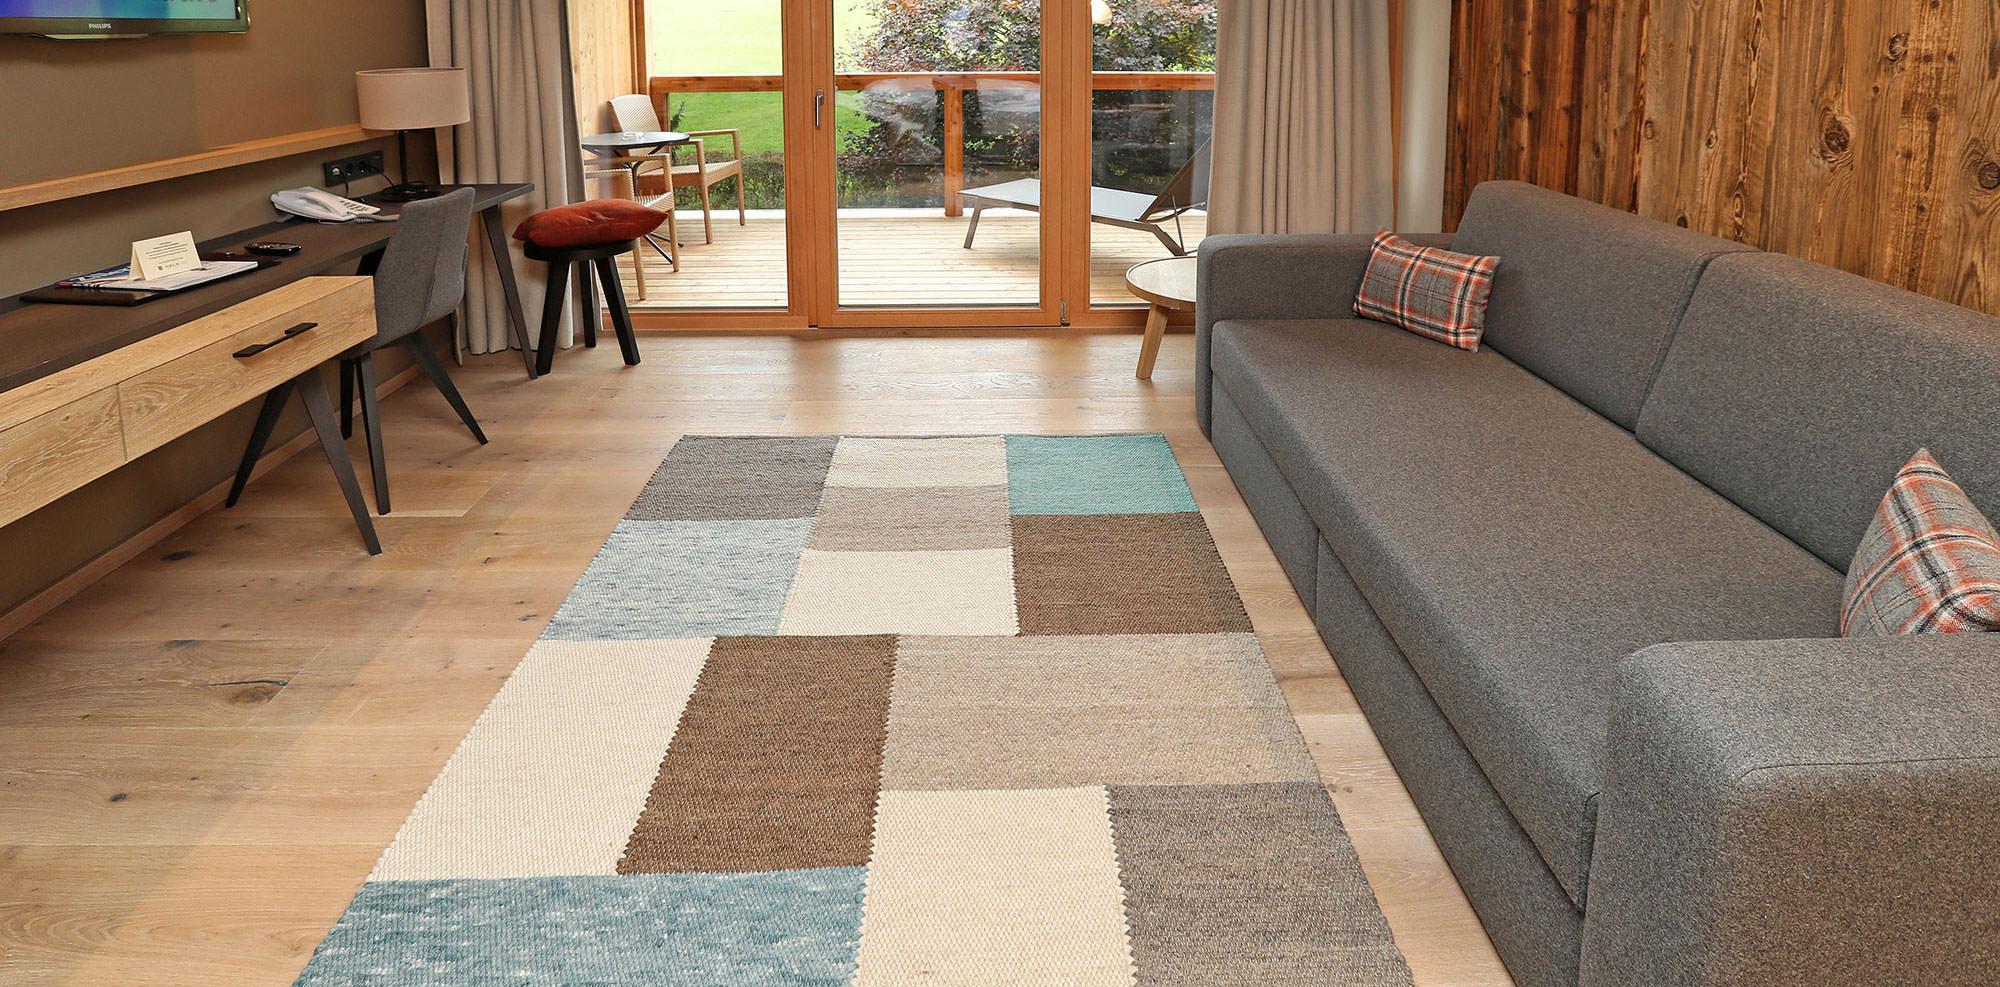 Wohnraum mit Mayrhofen Teppich